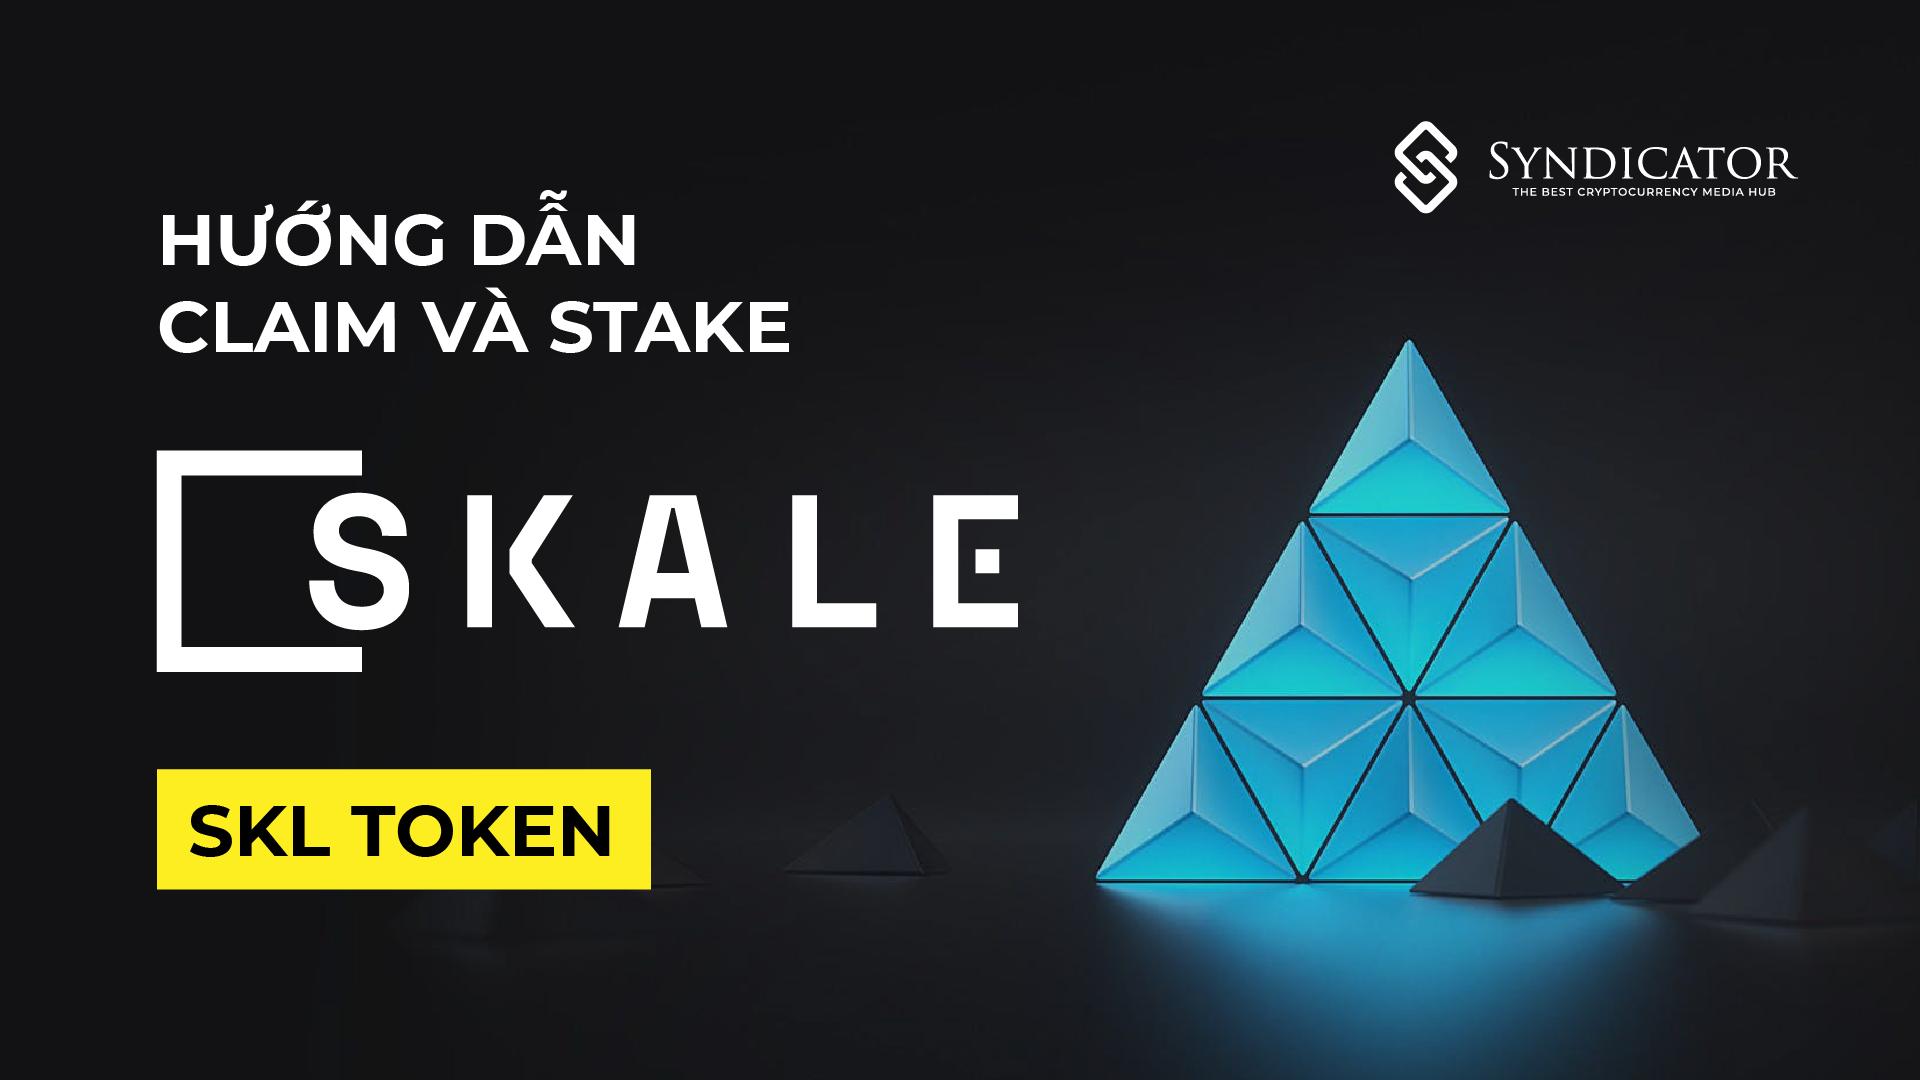 Hướng dẫn Claim và Staking SKL (Skale Network) | Syndicator